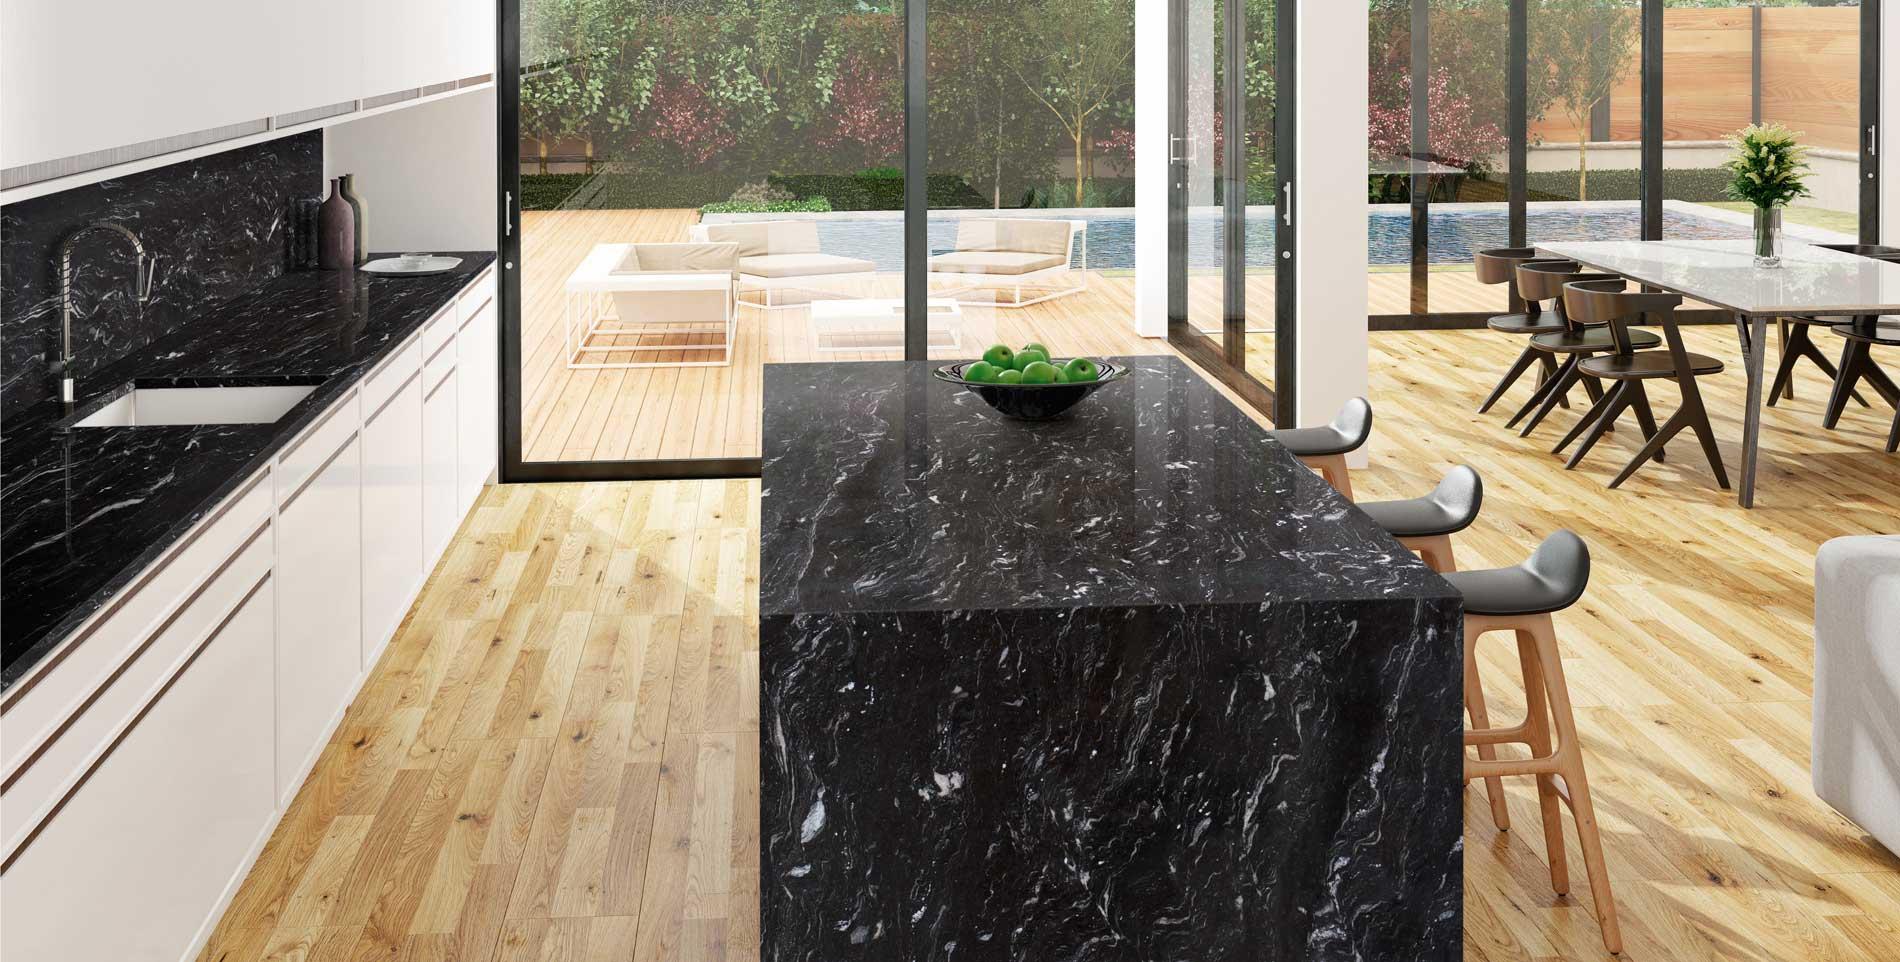 Encimera marmol encimera marmol bao con encimera de for Encimeras de marmol